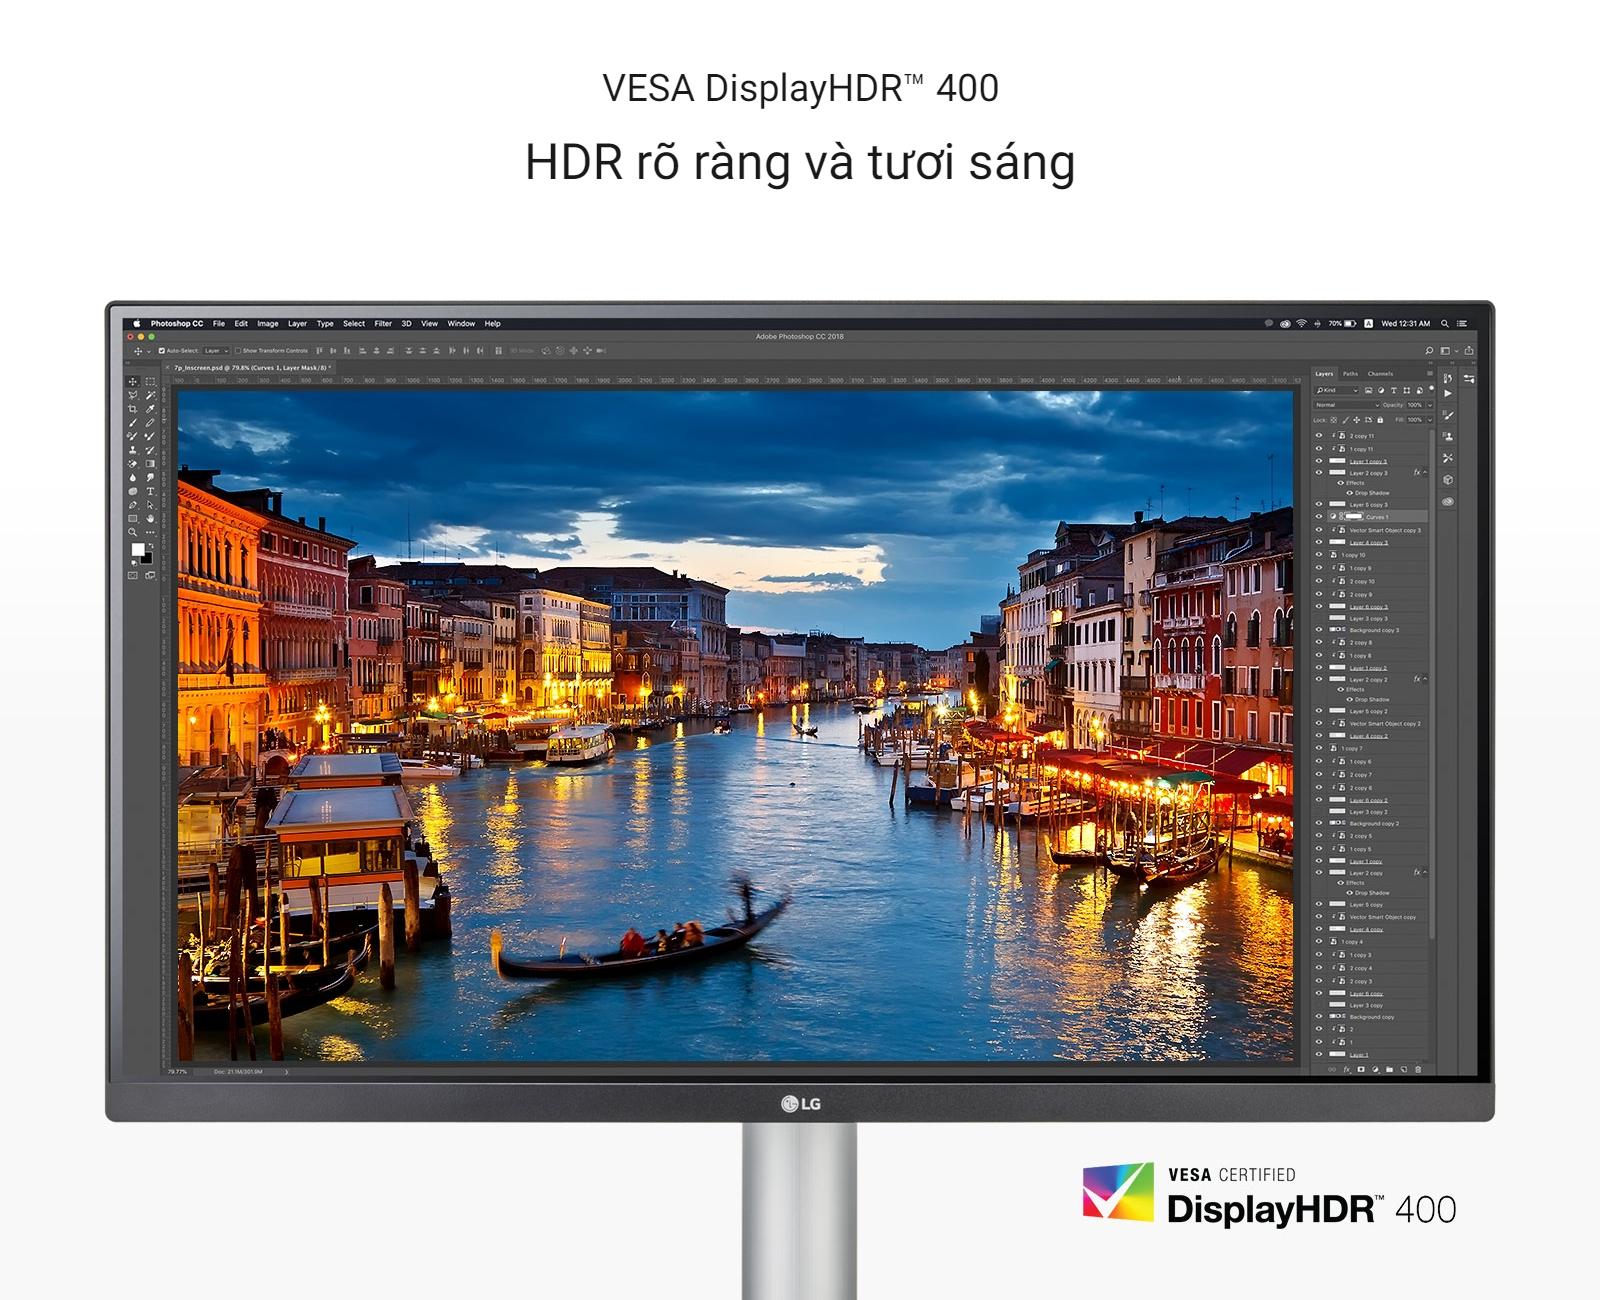 VESA DisplayHDR™ 400 rõ ràng và tươi sáng